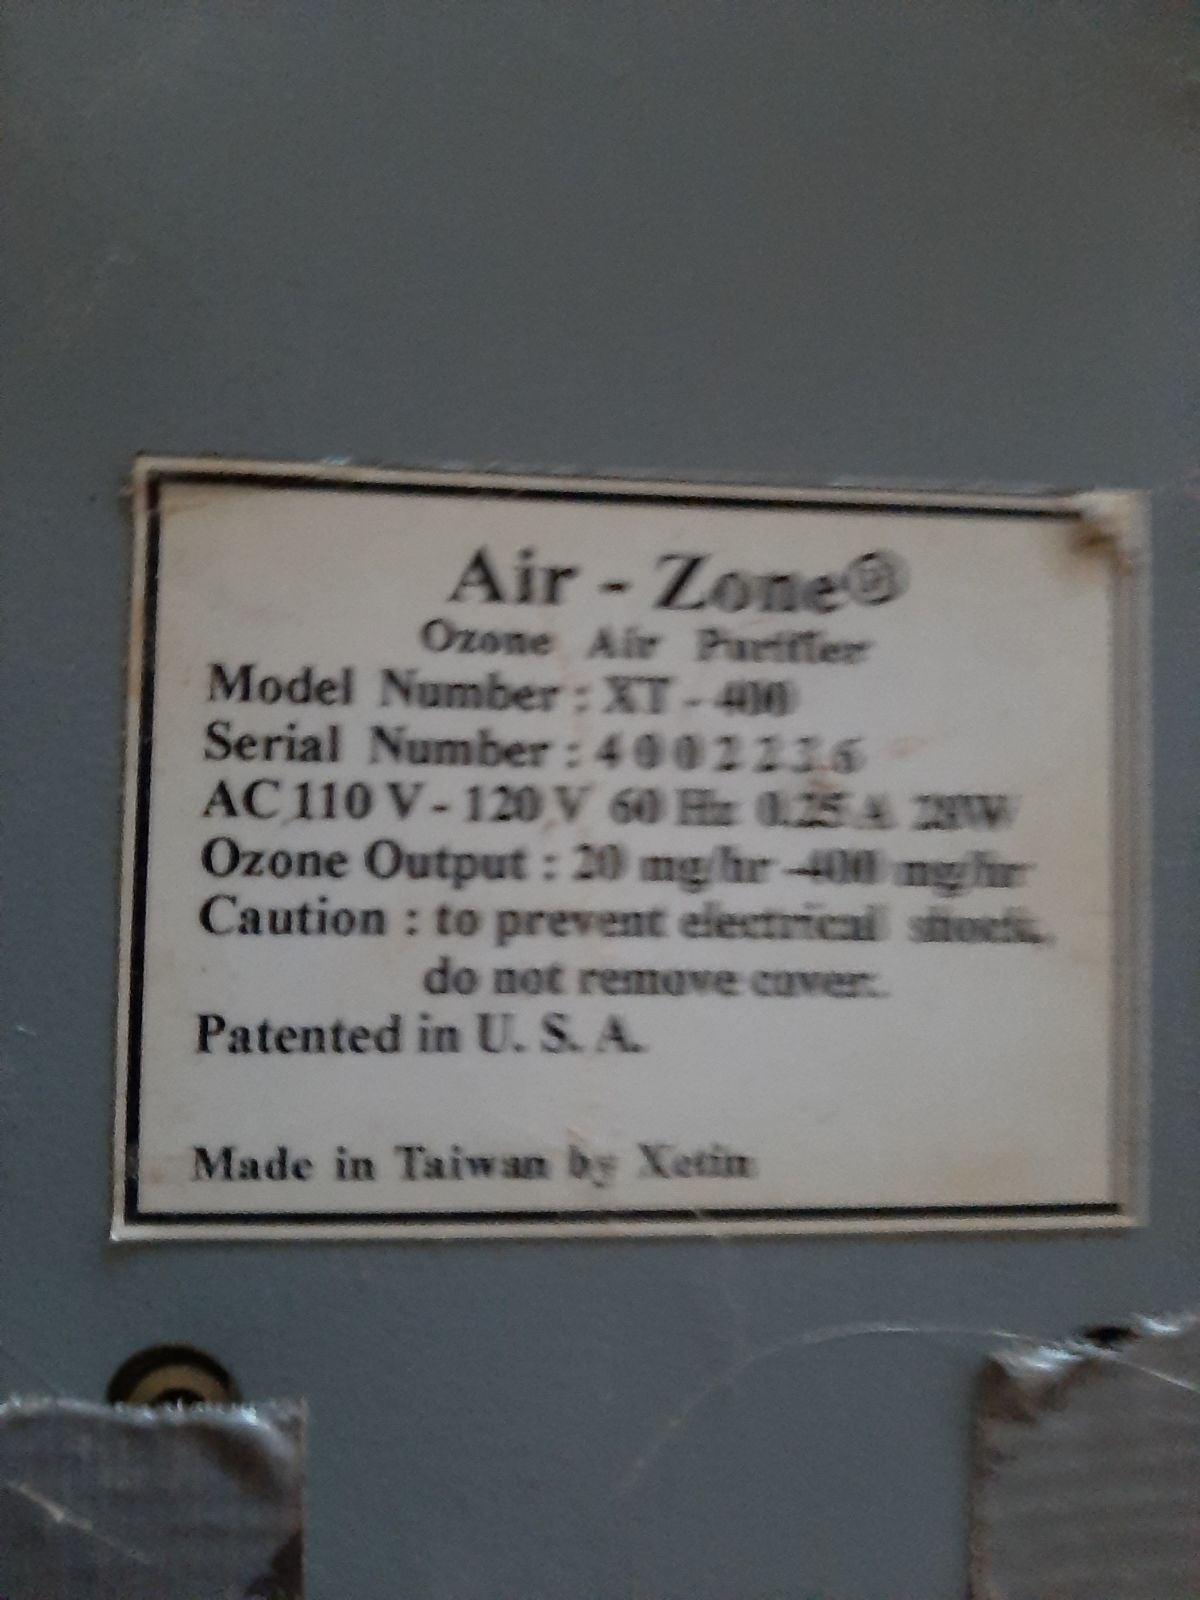 Air-Zone Ozone Air Purifier Model XT-400